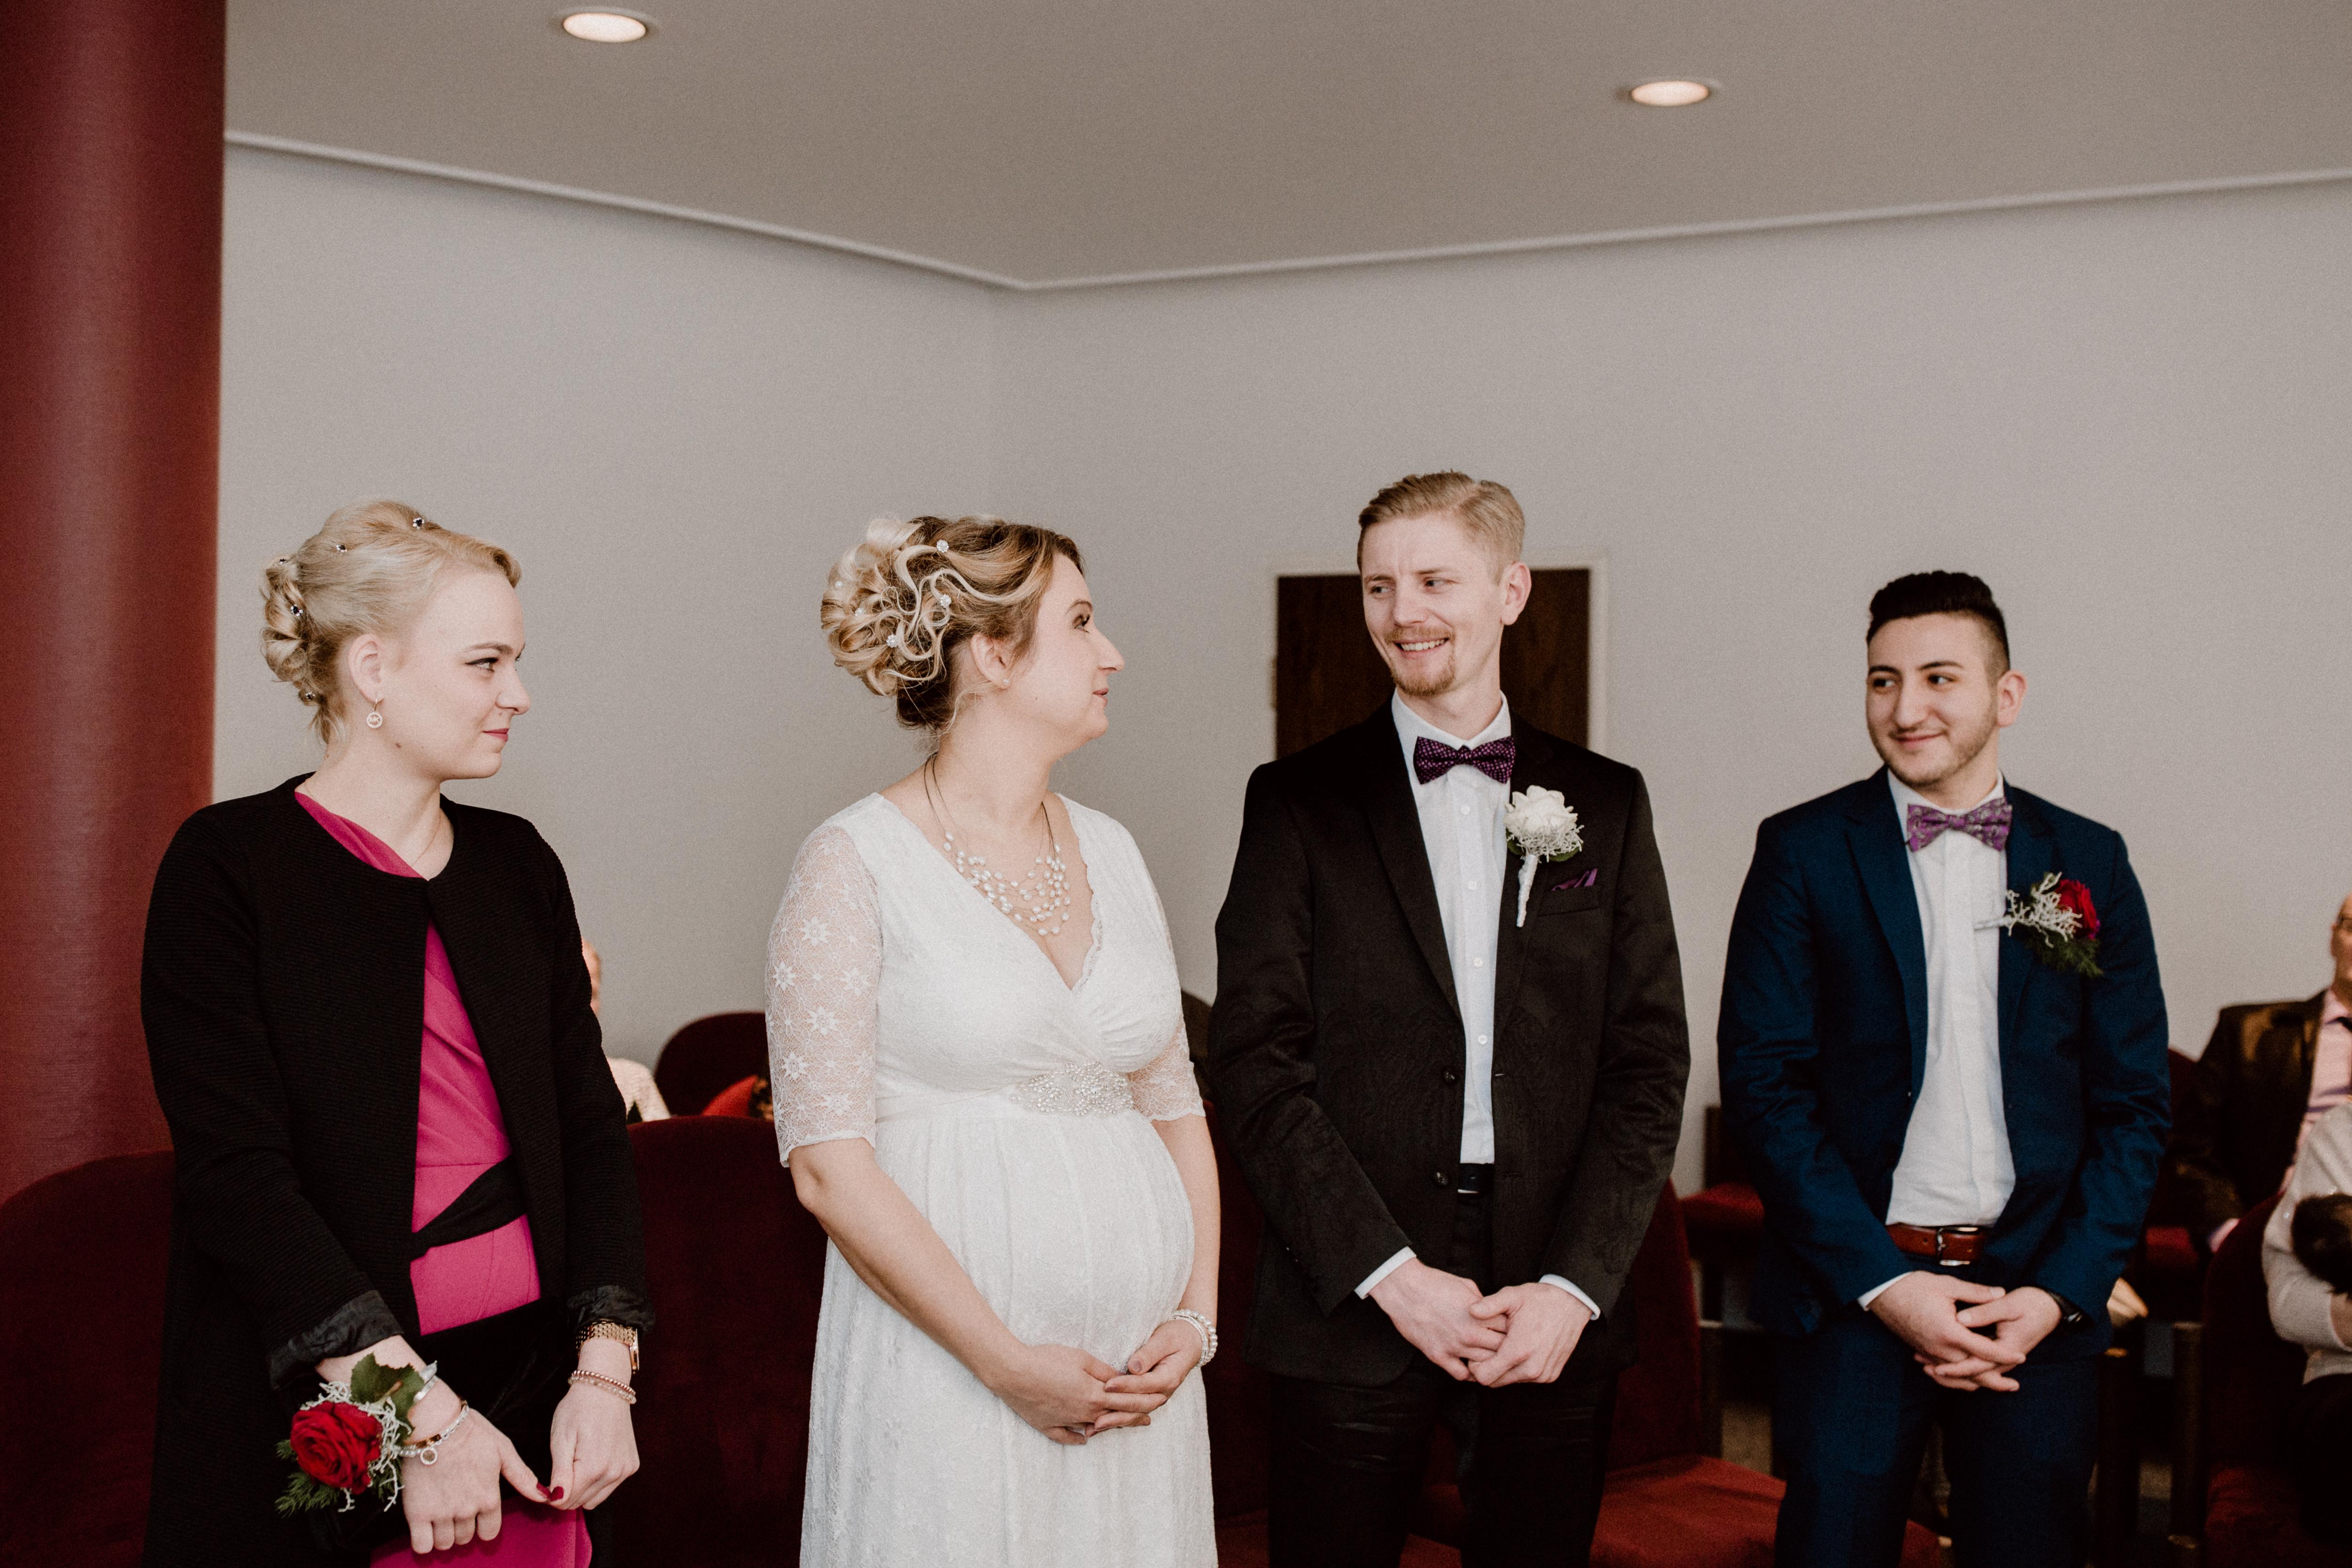 URBANERIE_Daniela_Goth_Hochzeitsfotografin_Nürnberg_Fürth_Erlangen_Schwabach_171110_0118